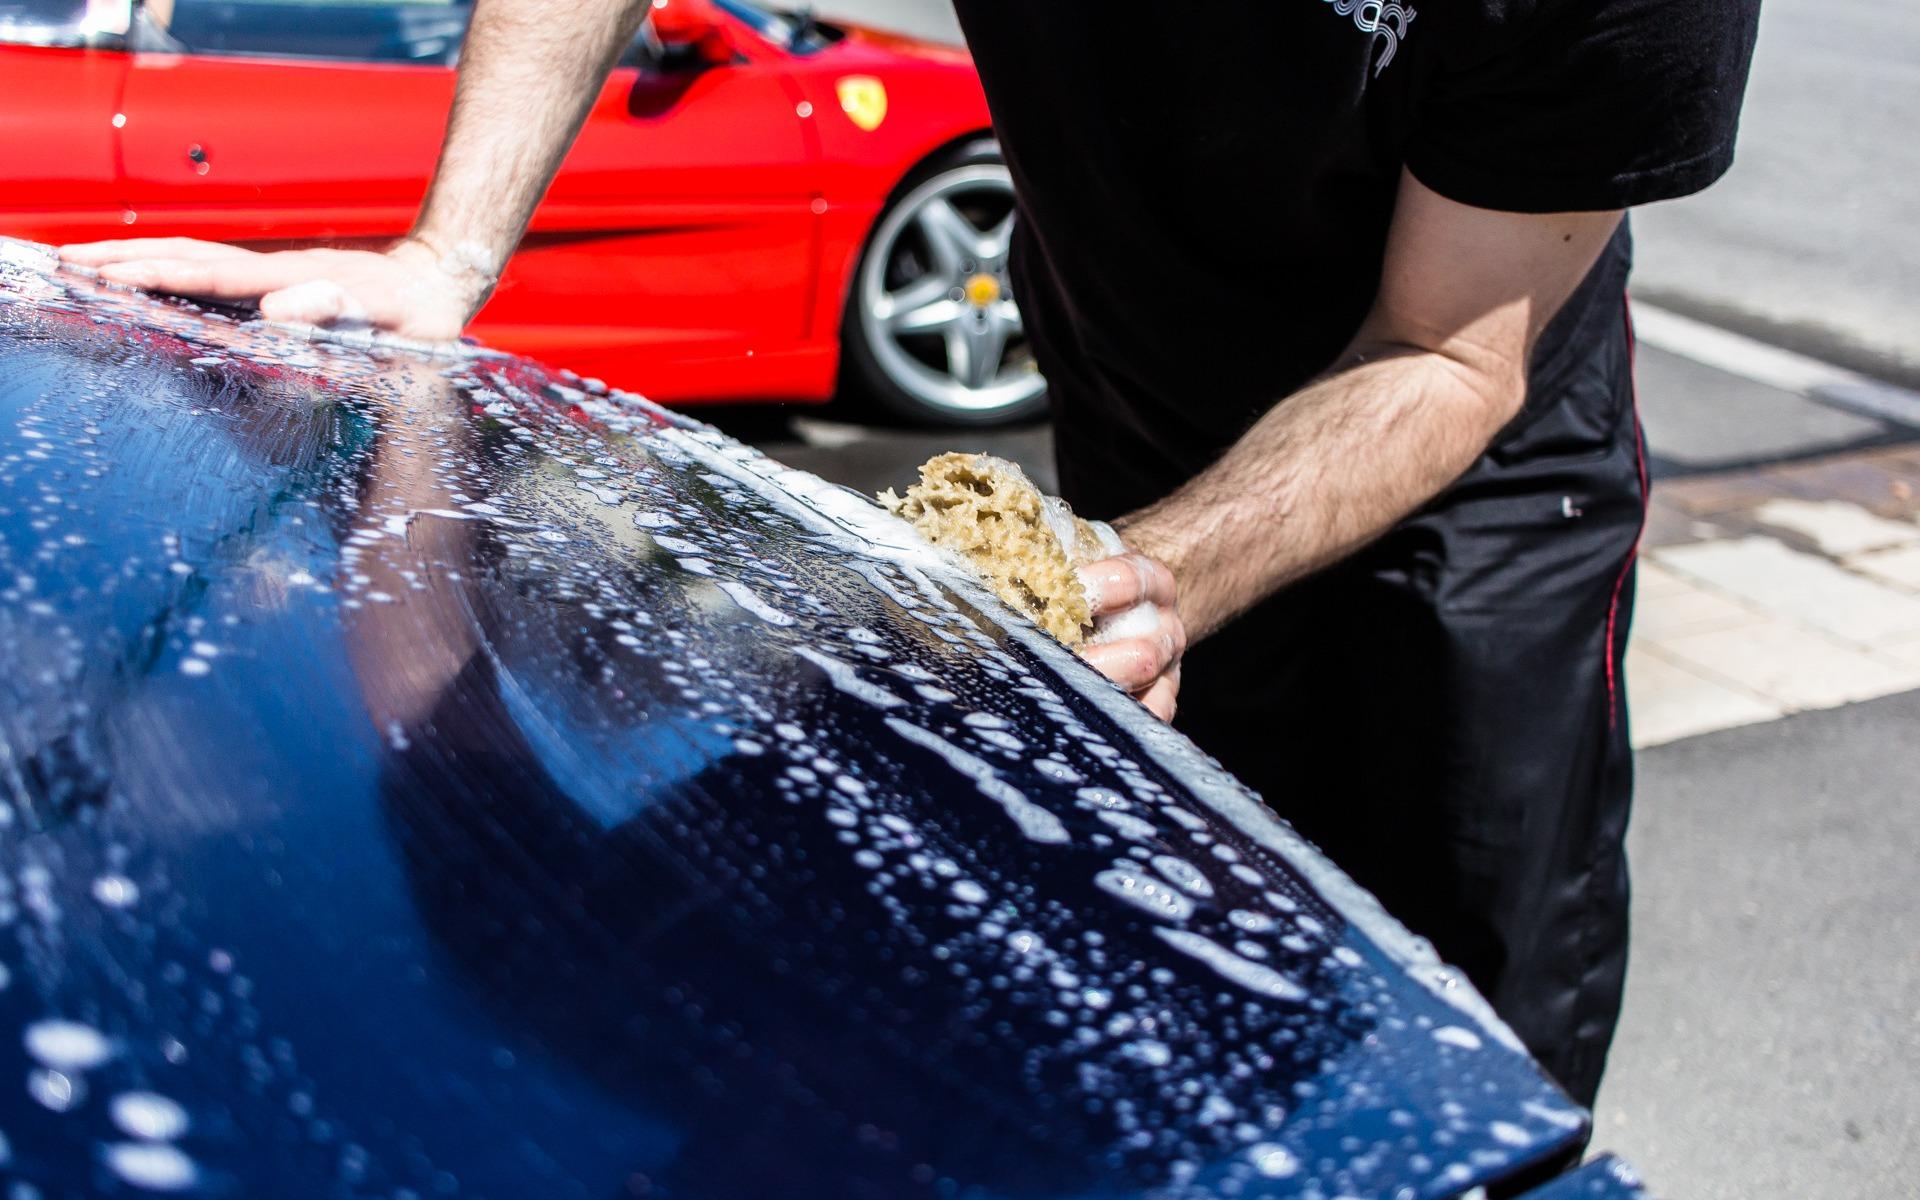 Lavage et polissage de la voiture: étape de la préparation